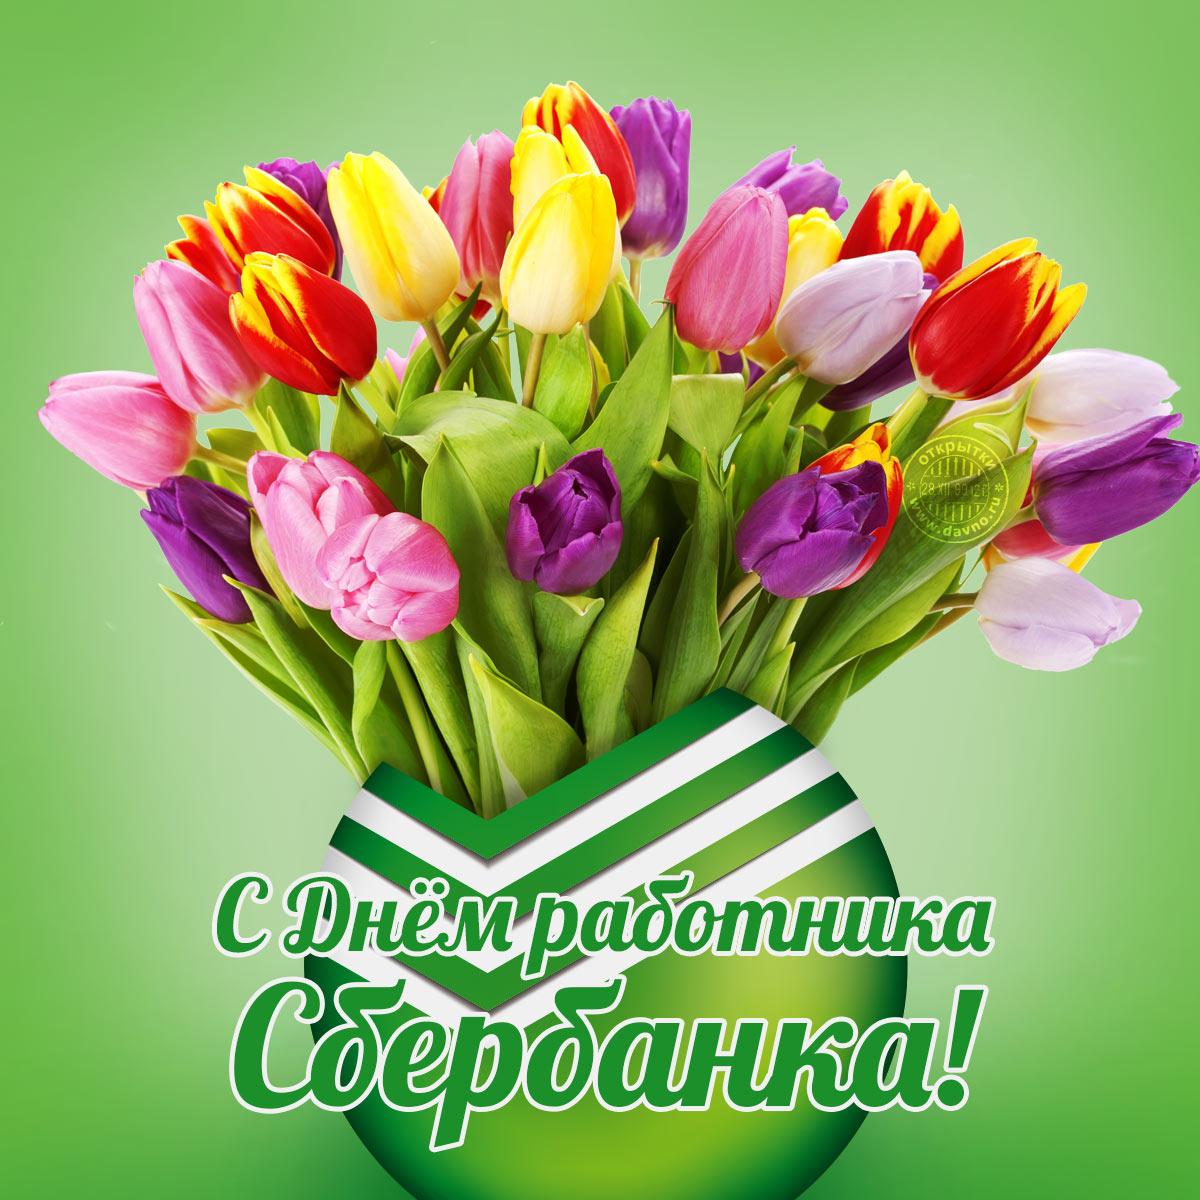 Открытки на день работников Сбербанка России (4)